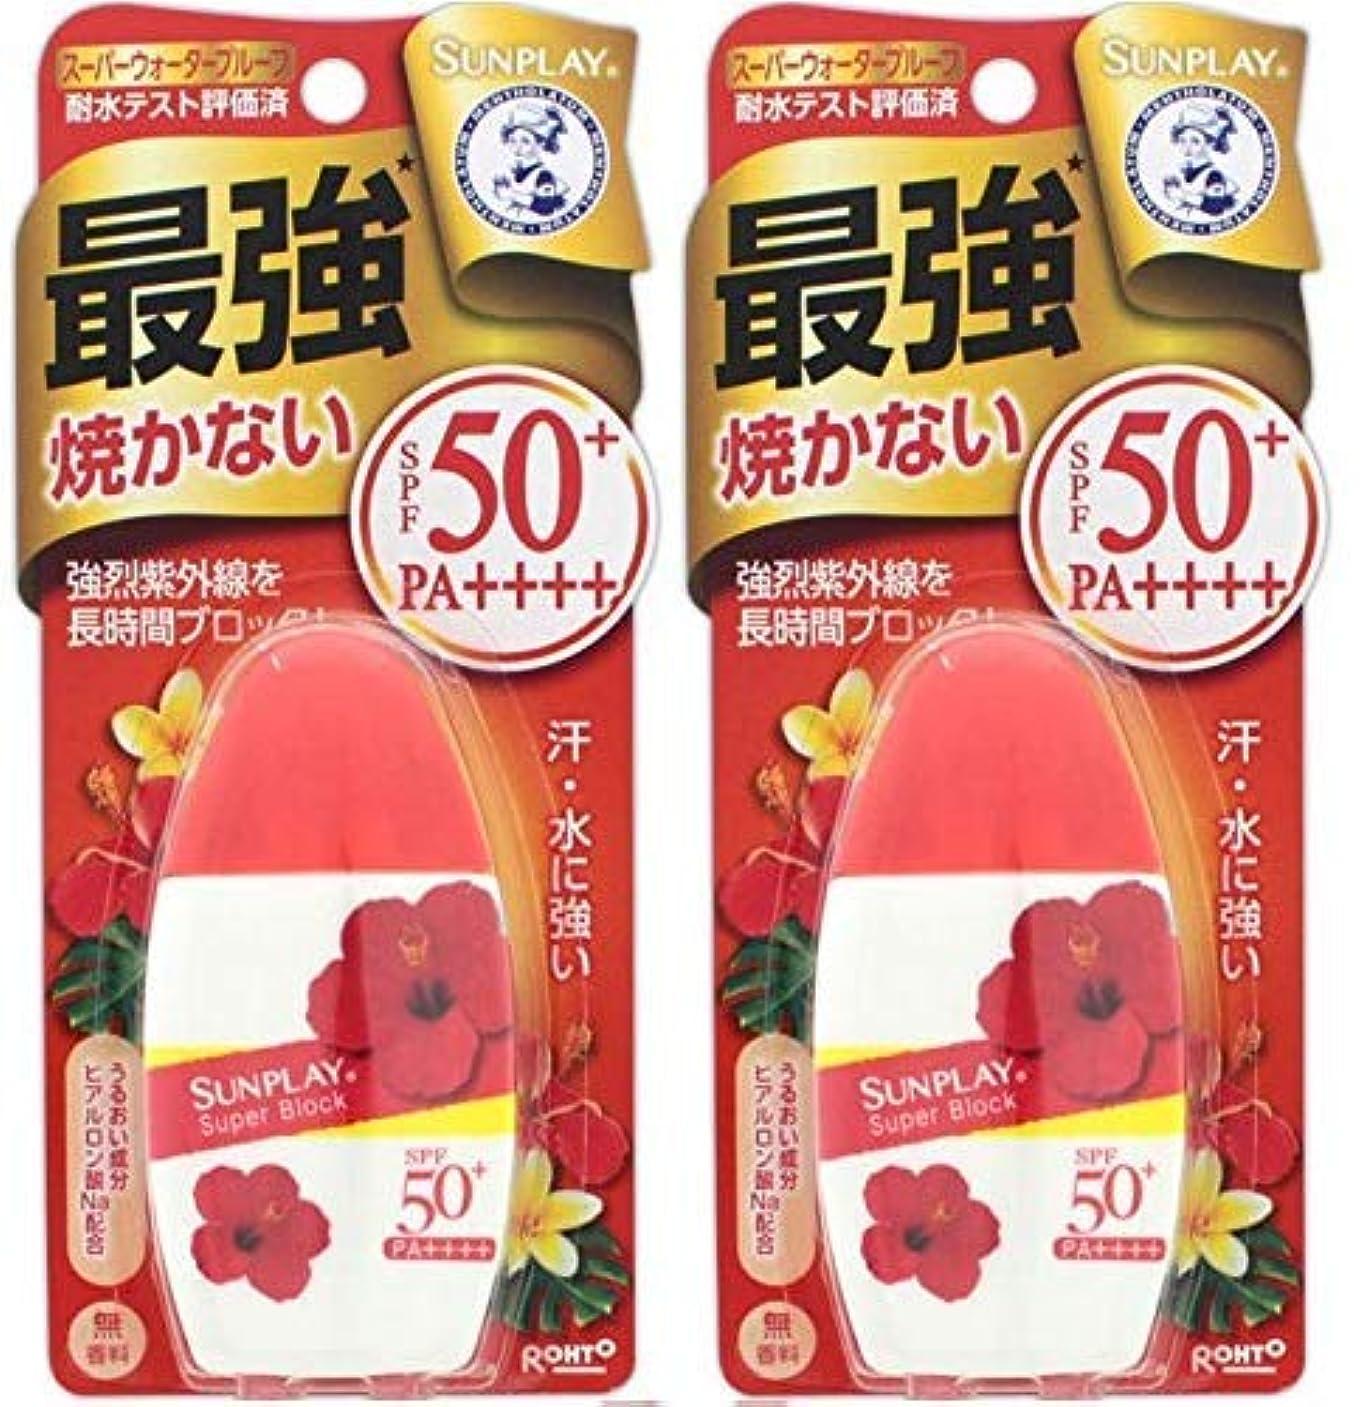 メンソレータム サンプレイ スーパーブロック 無香料 SPF50+ PA++++ 30g 2個セット